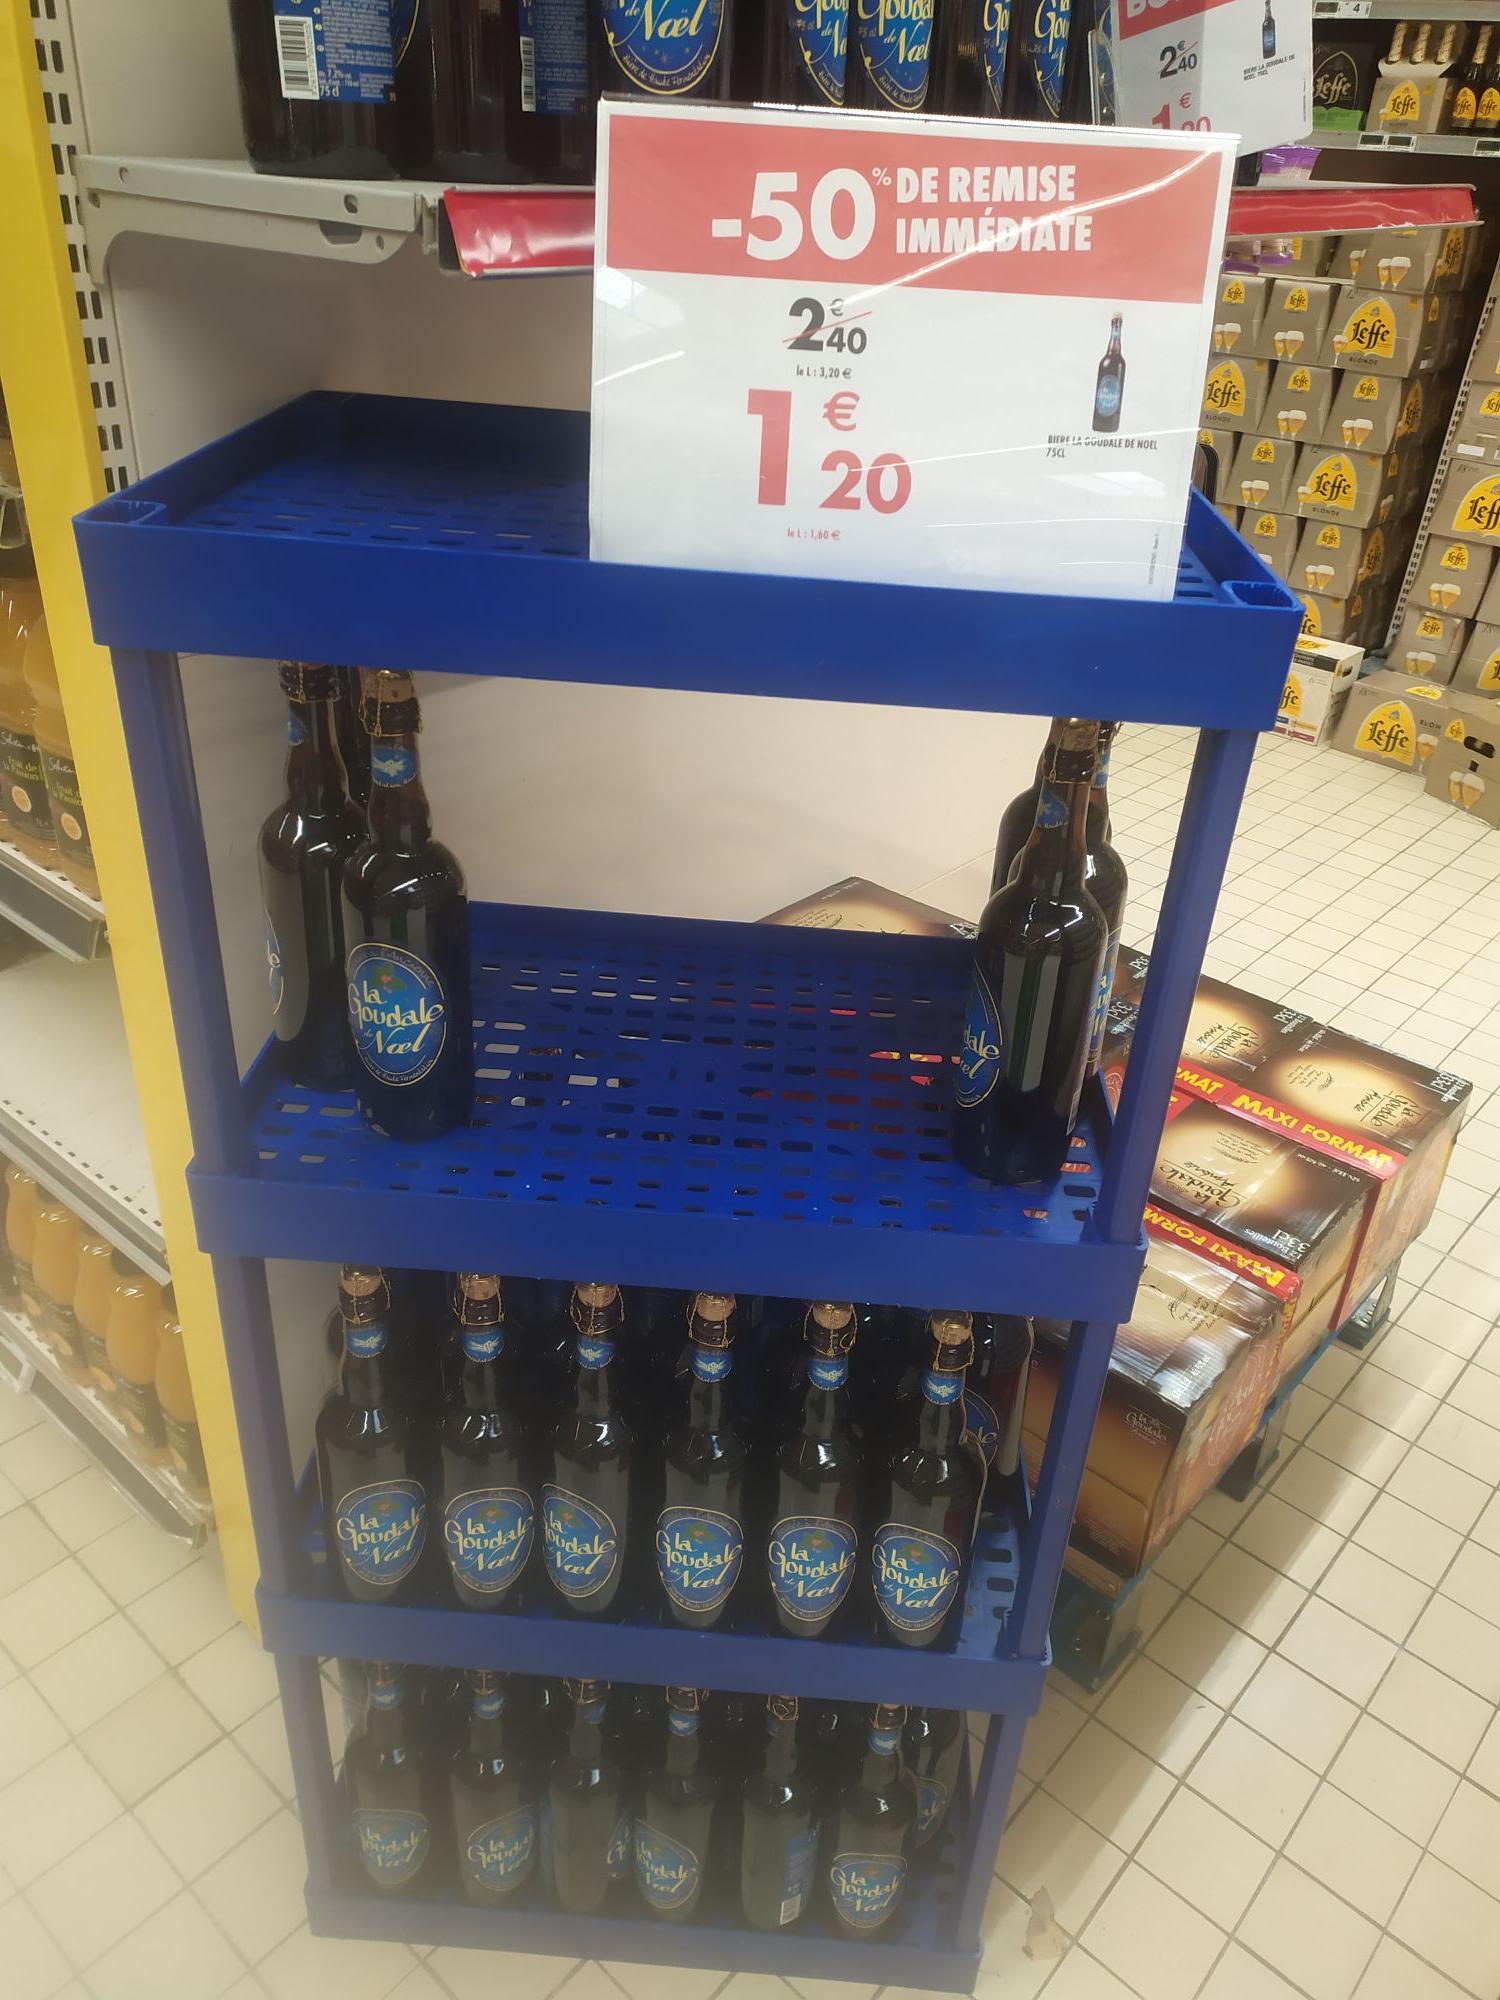 50% de remise sur une sélection d'alcools - Ex: Bière Goudale de Noël 75cl (Epernay 51)